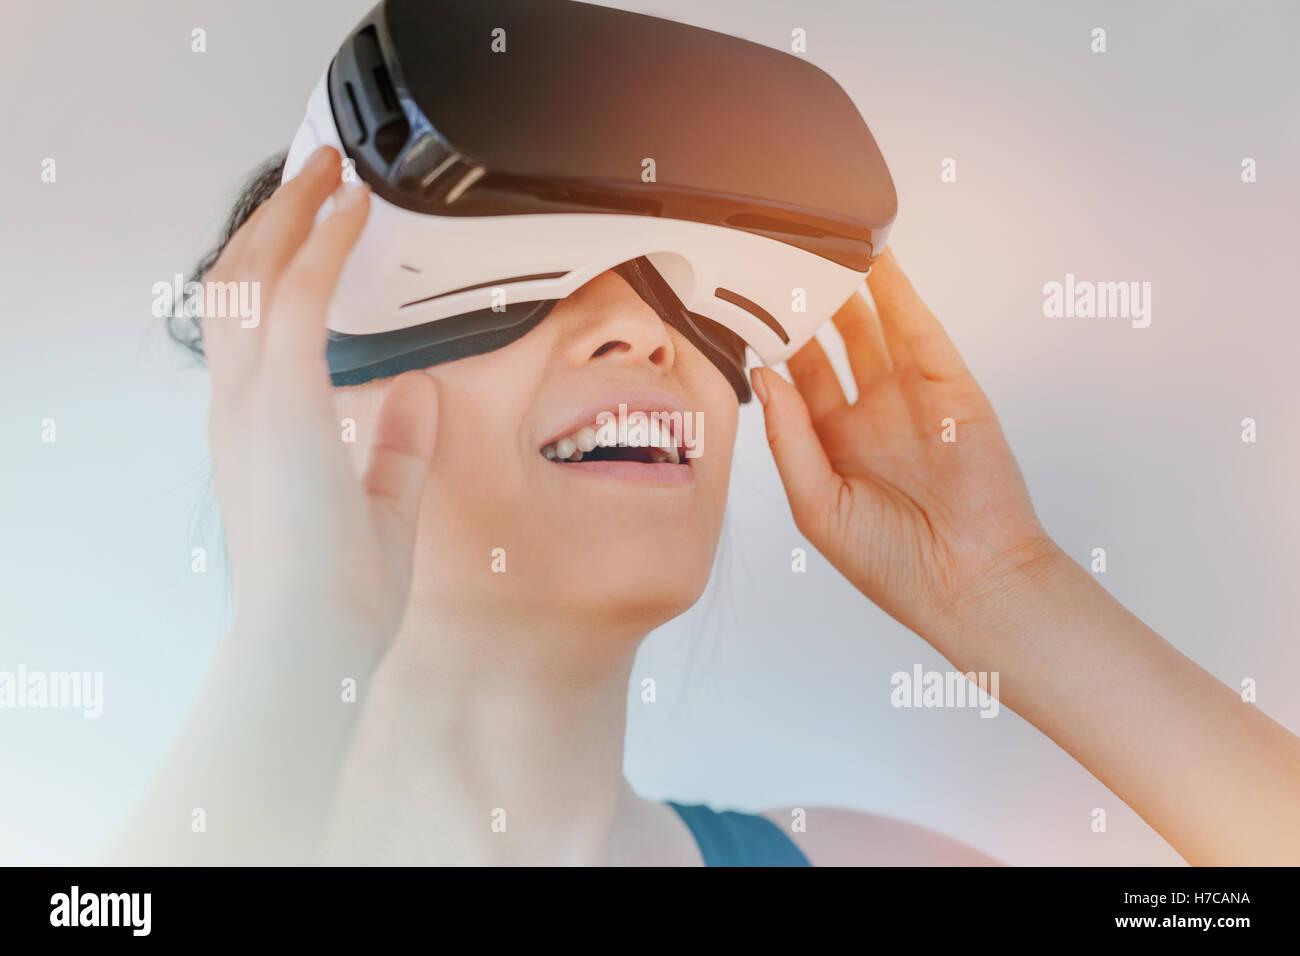 Close up of young woman in casque de réalité virtuelle à la recherche à l'objets. Modèle féminin avec des lunettes Banque D'Images